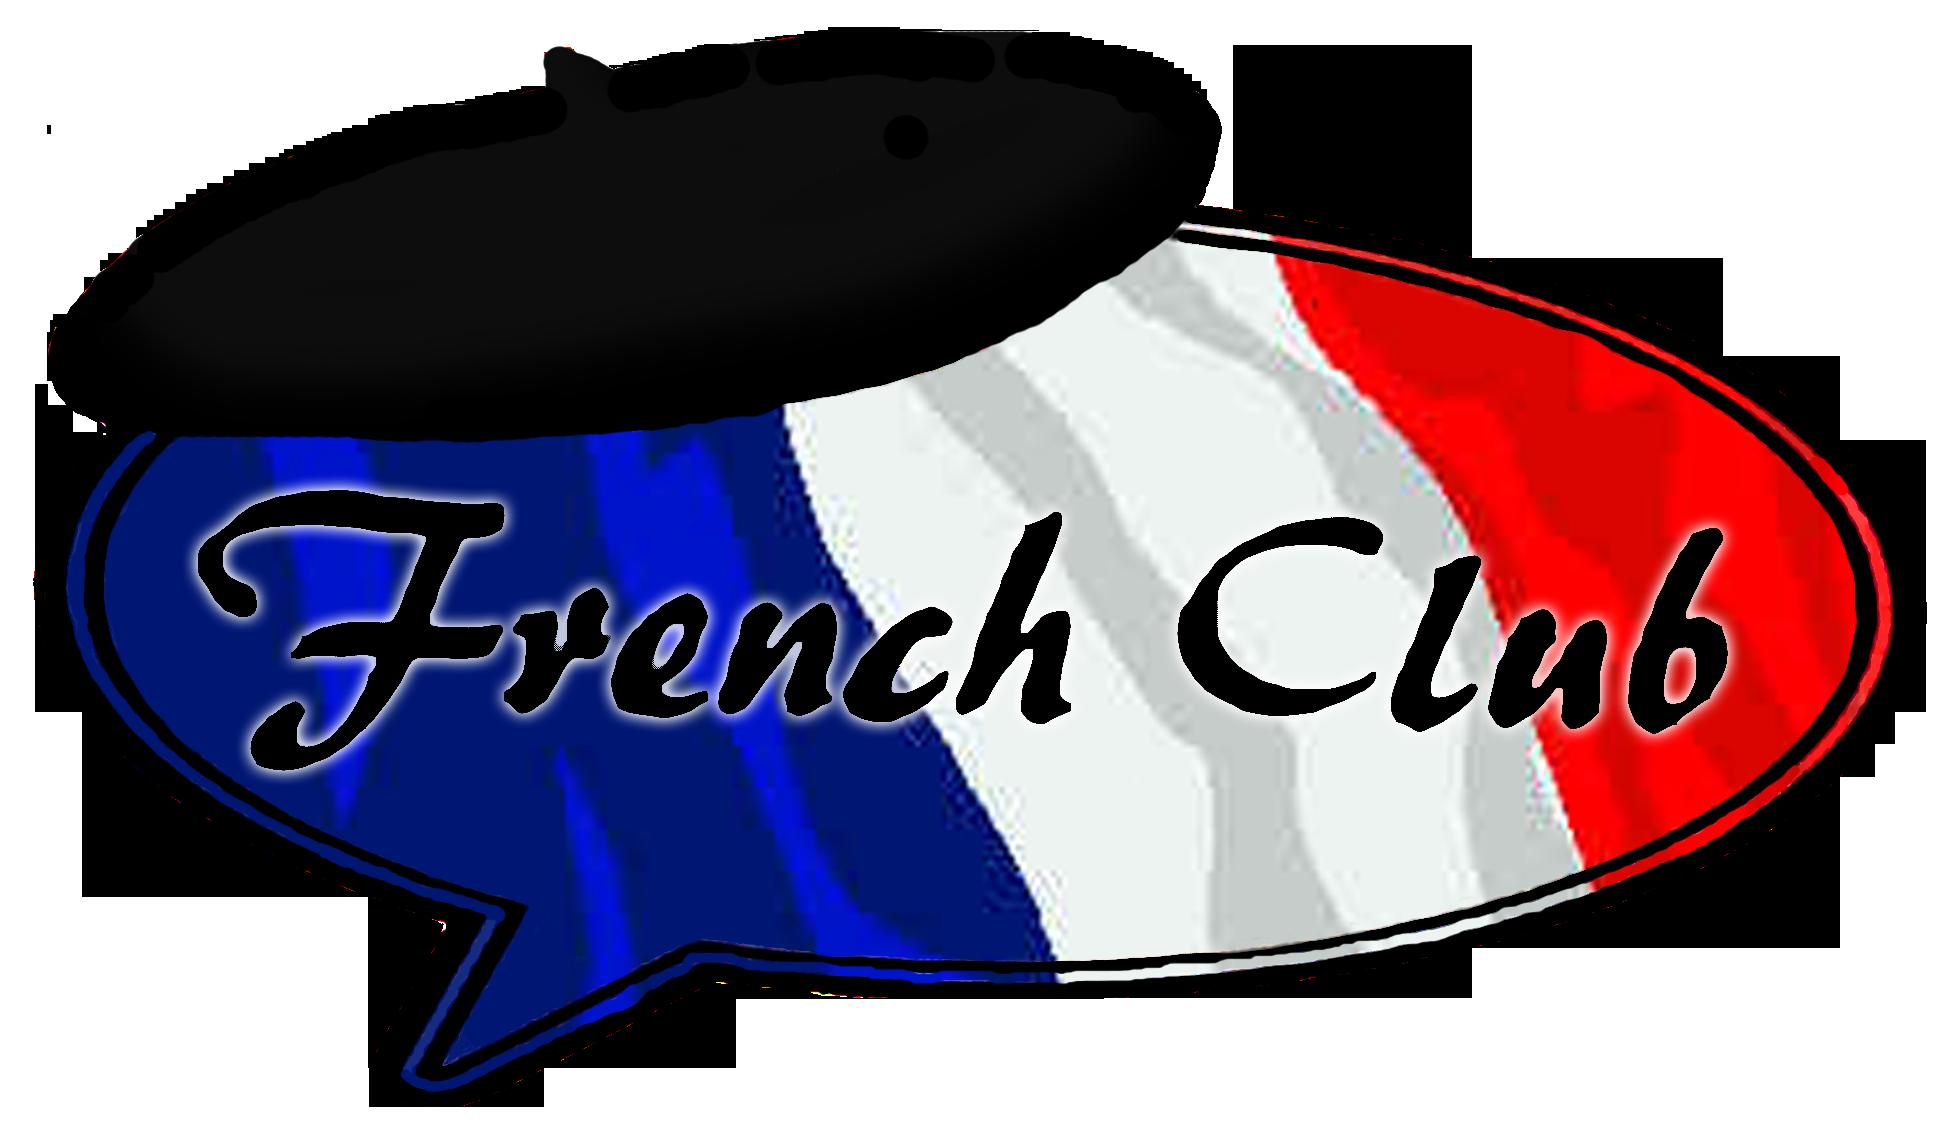 Francais clipart transparent Free French Bible Cliparts, Download Free Clip Art, Free Clip Art on ... transparent